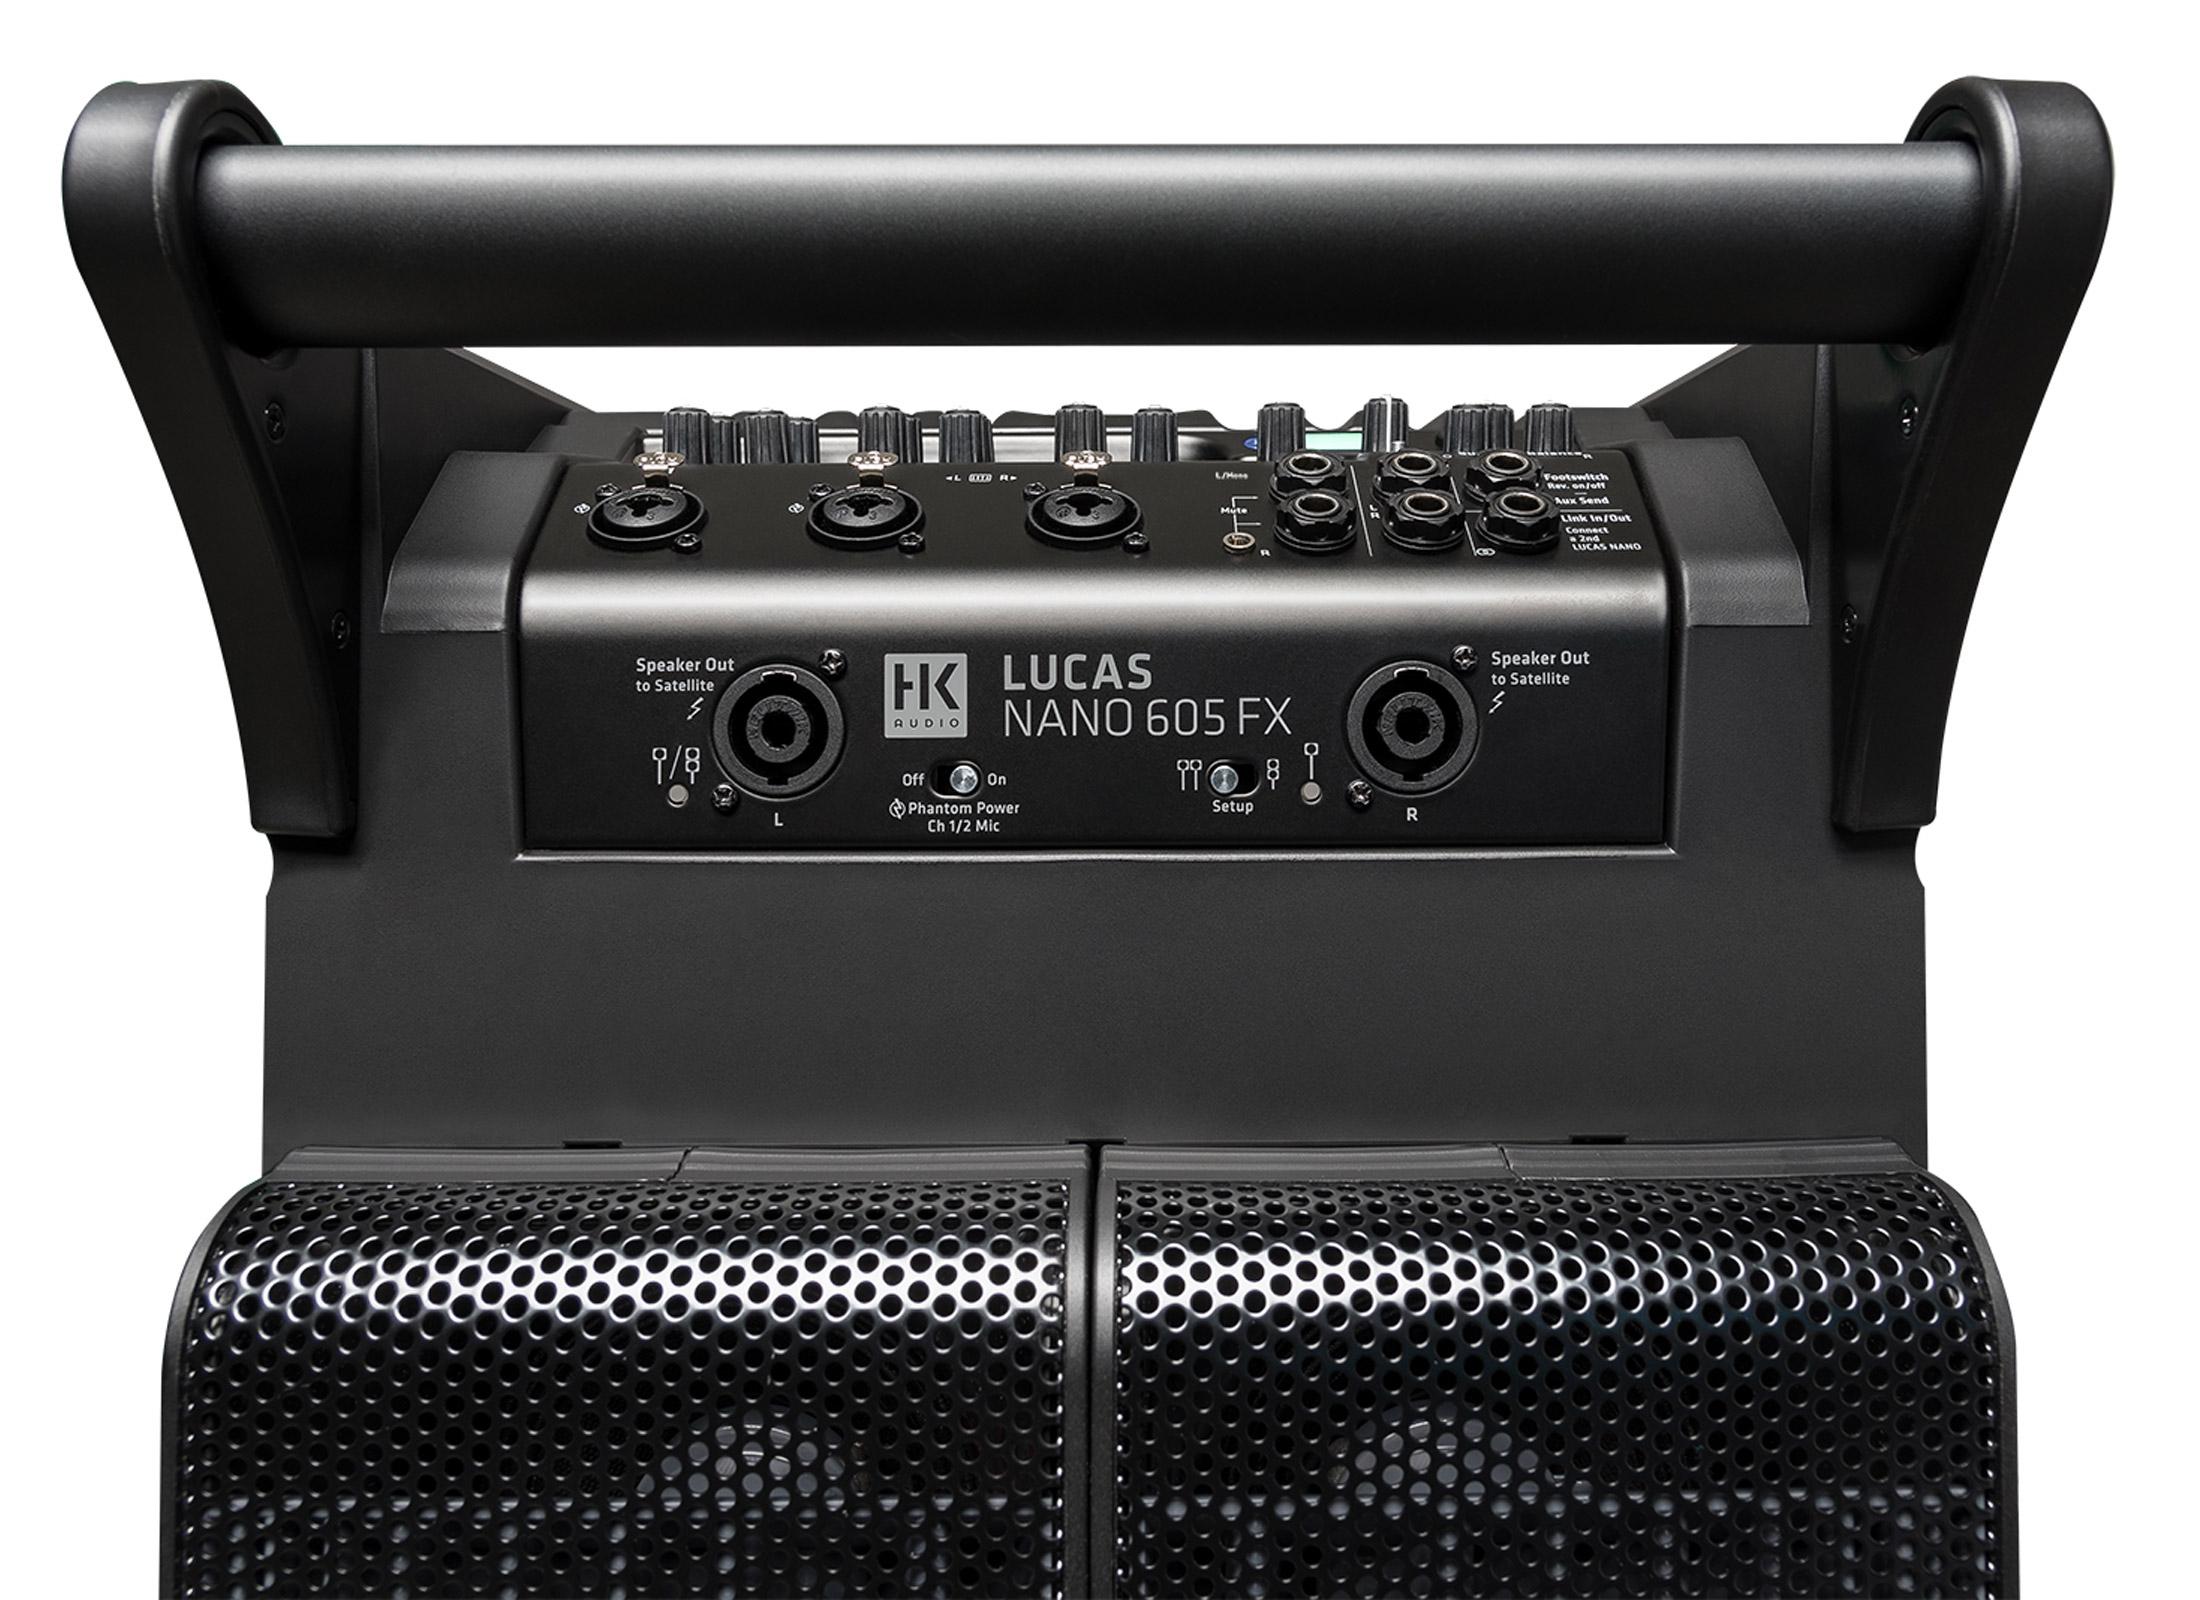 HK Audio Lucas NANO 605 FX Aktiv Sat System 1x Subwoofer 2x